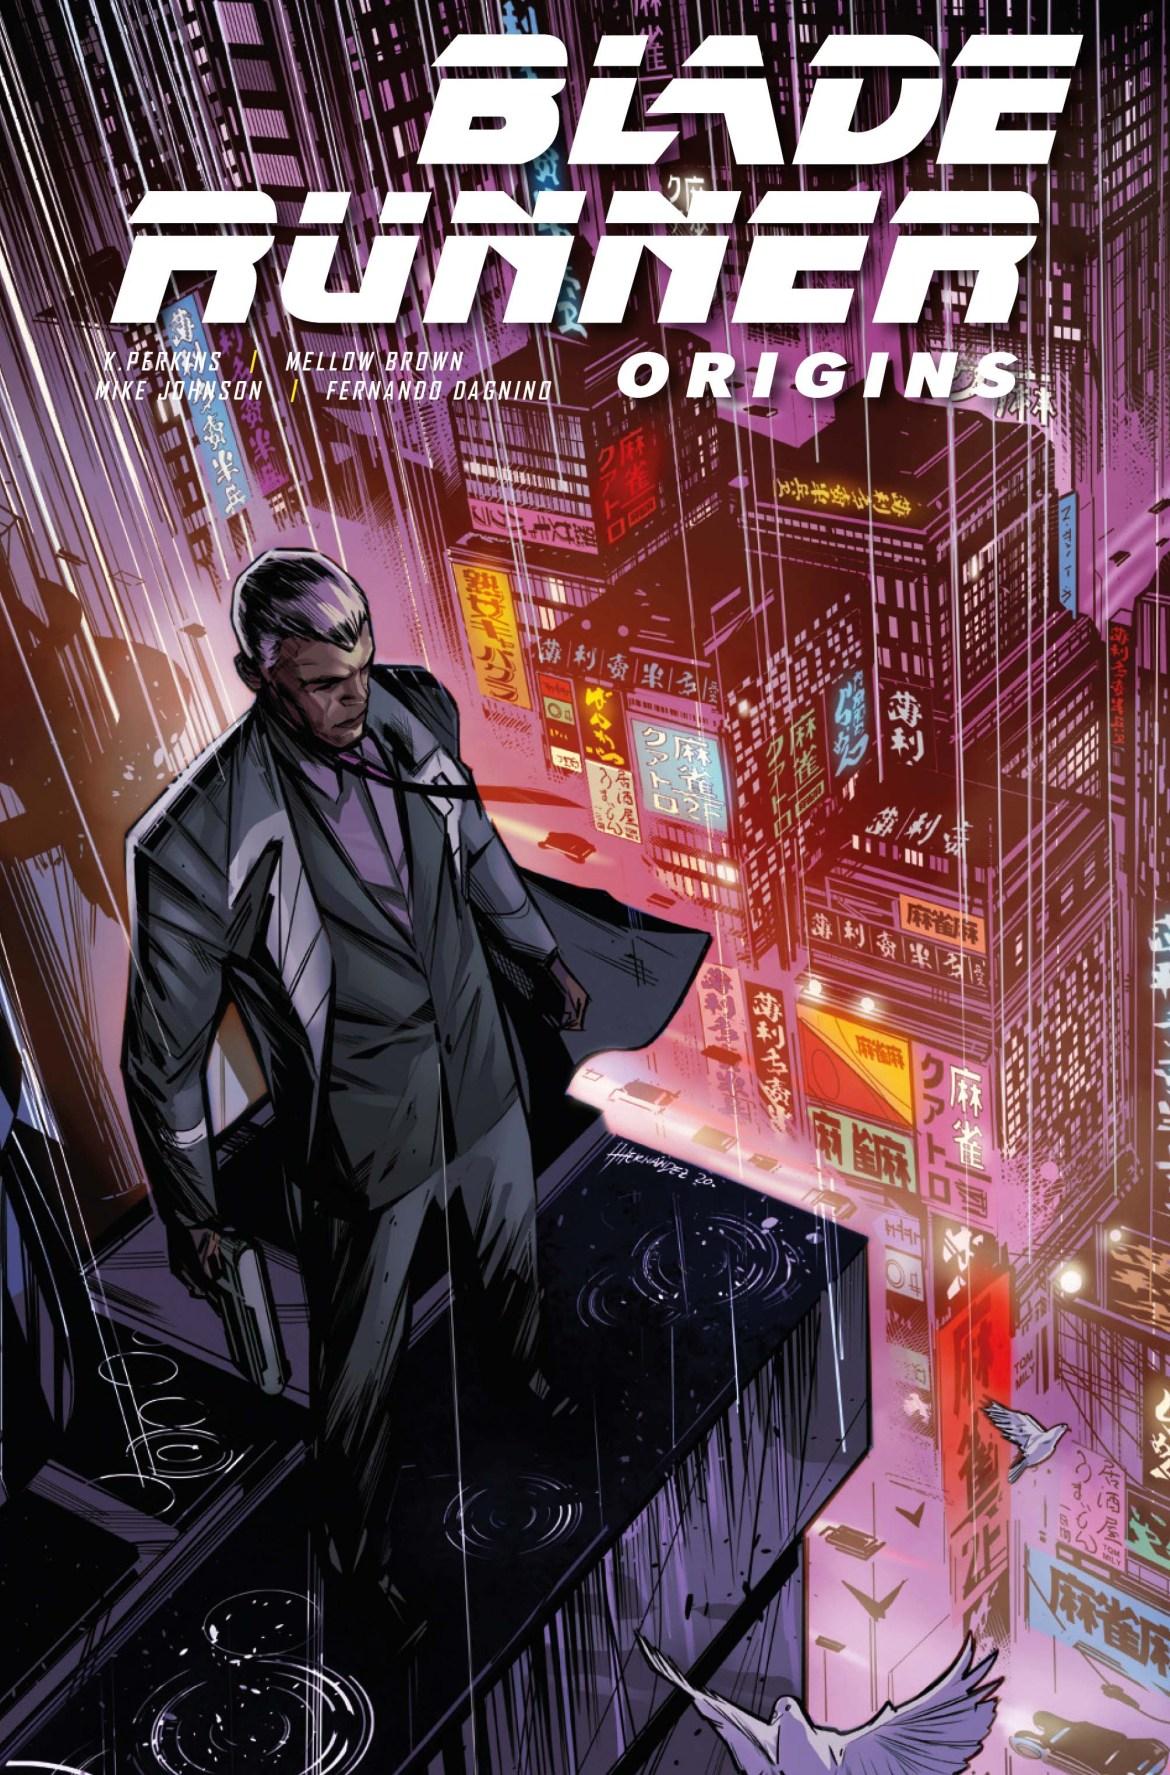 Blade-Runner-Origins-2A-HERNANDEZ Titan Comics March 2021 Solicitations